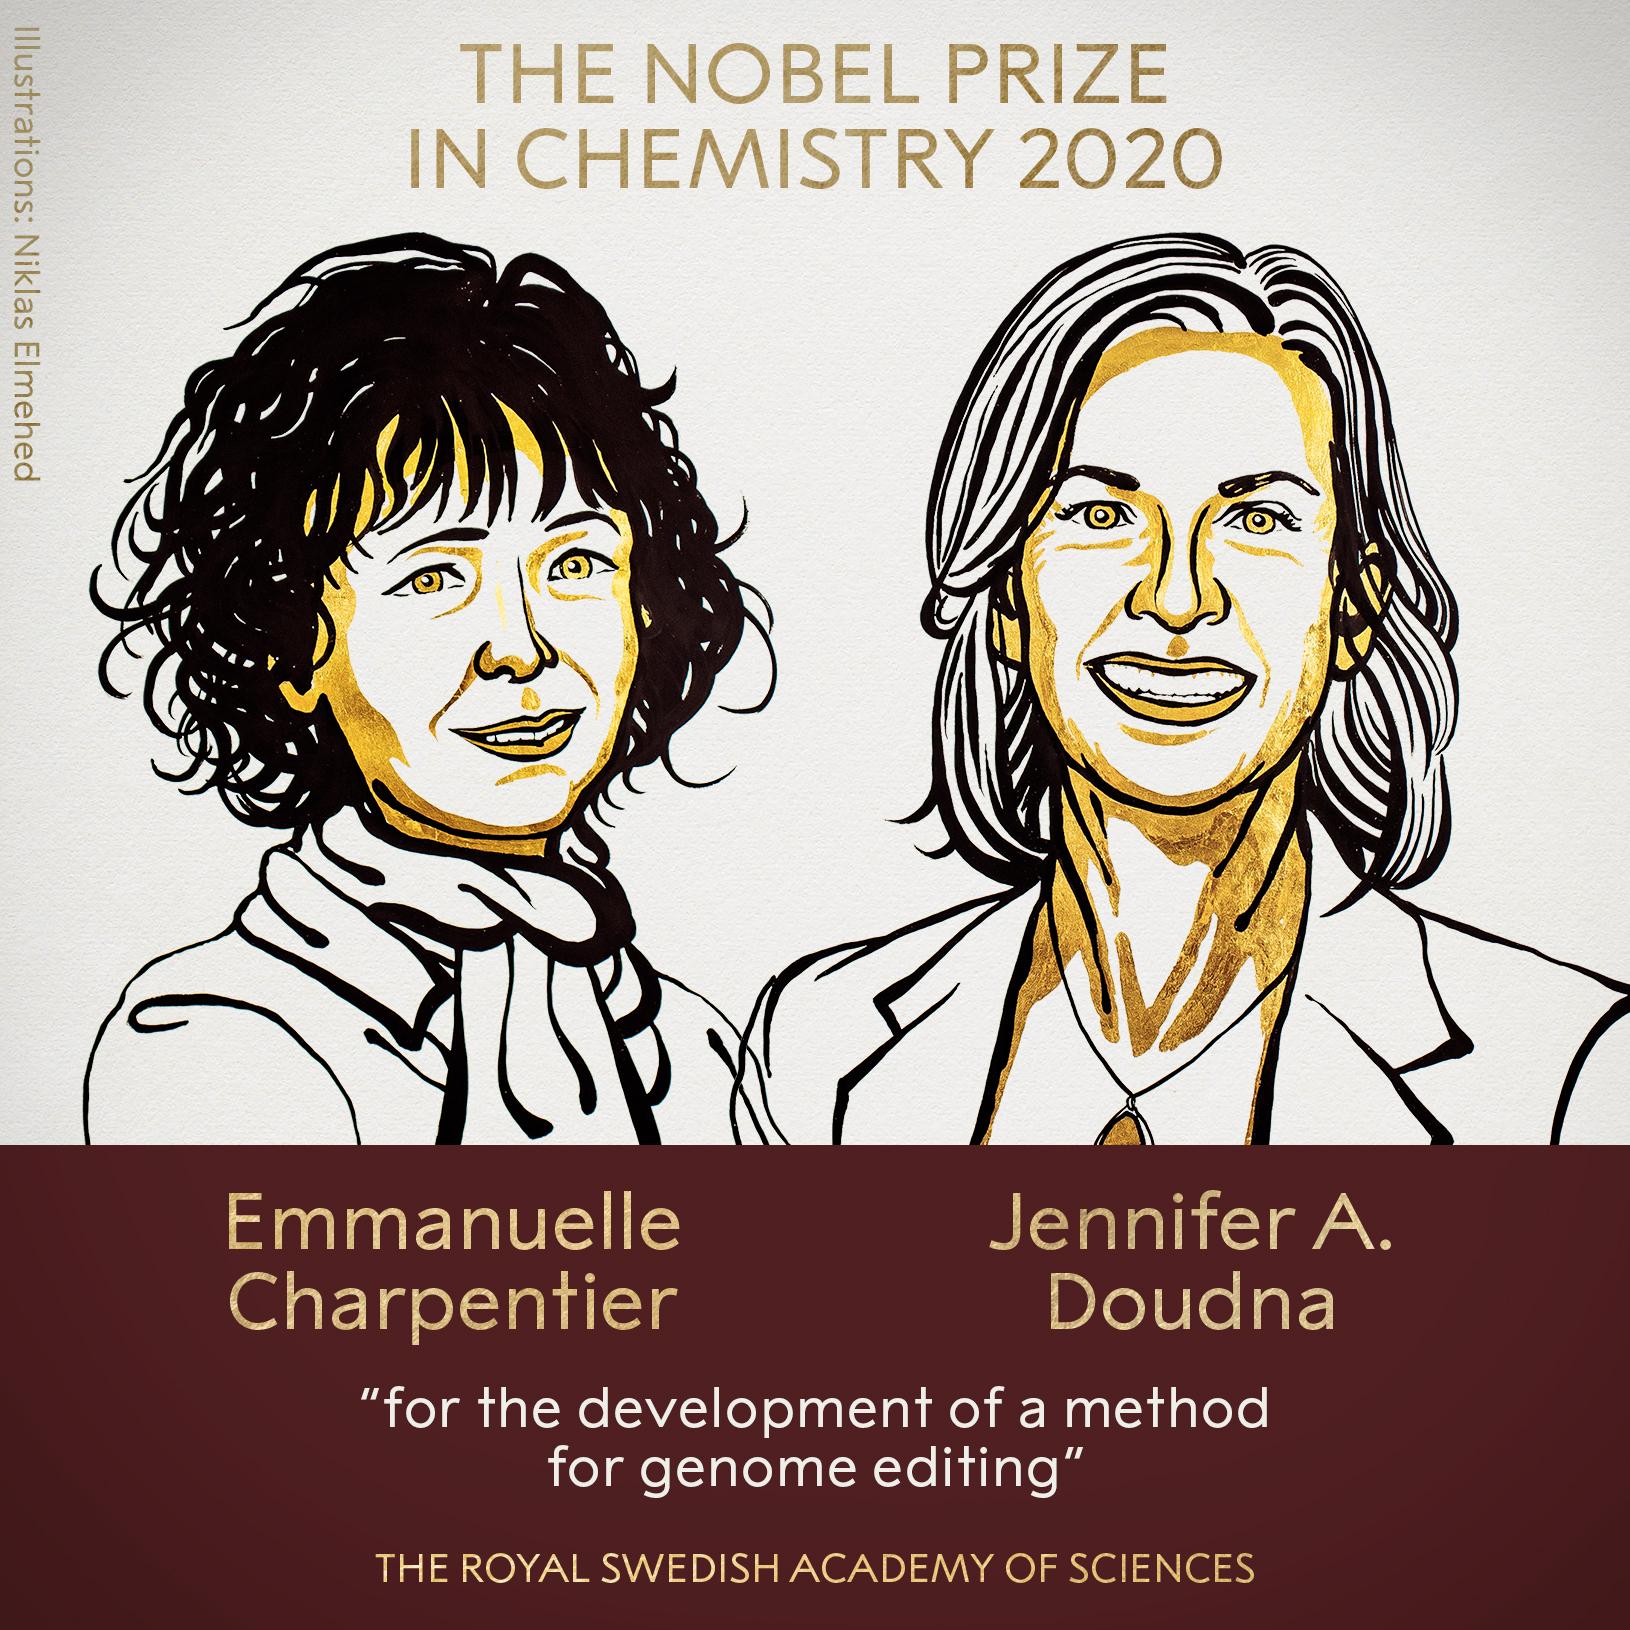 La nouvelle technique d'édition du génome CRISPR-Cas9 : entre promesses économico-scientifiques et questionnements éthiques